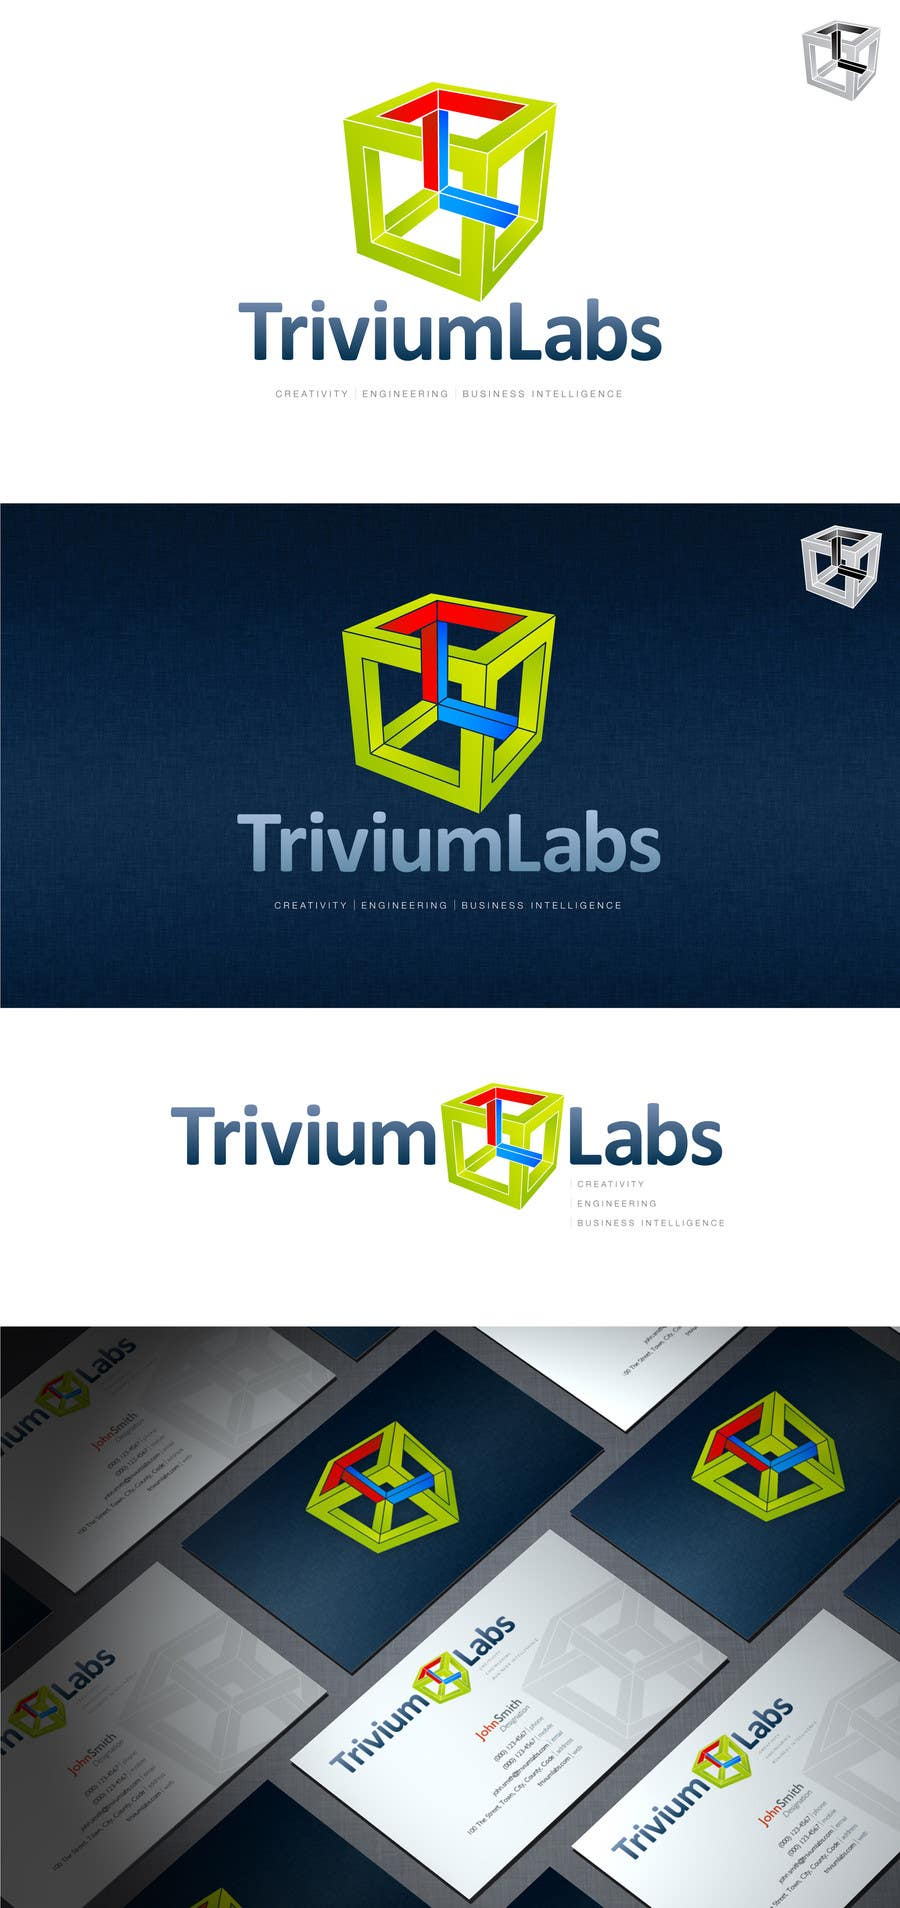 Konkurrenceindlæg #74 for Design a Logo for Trivium Labs